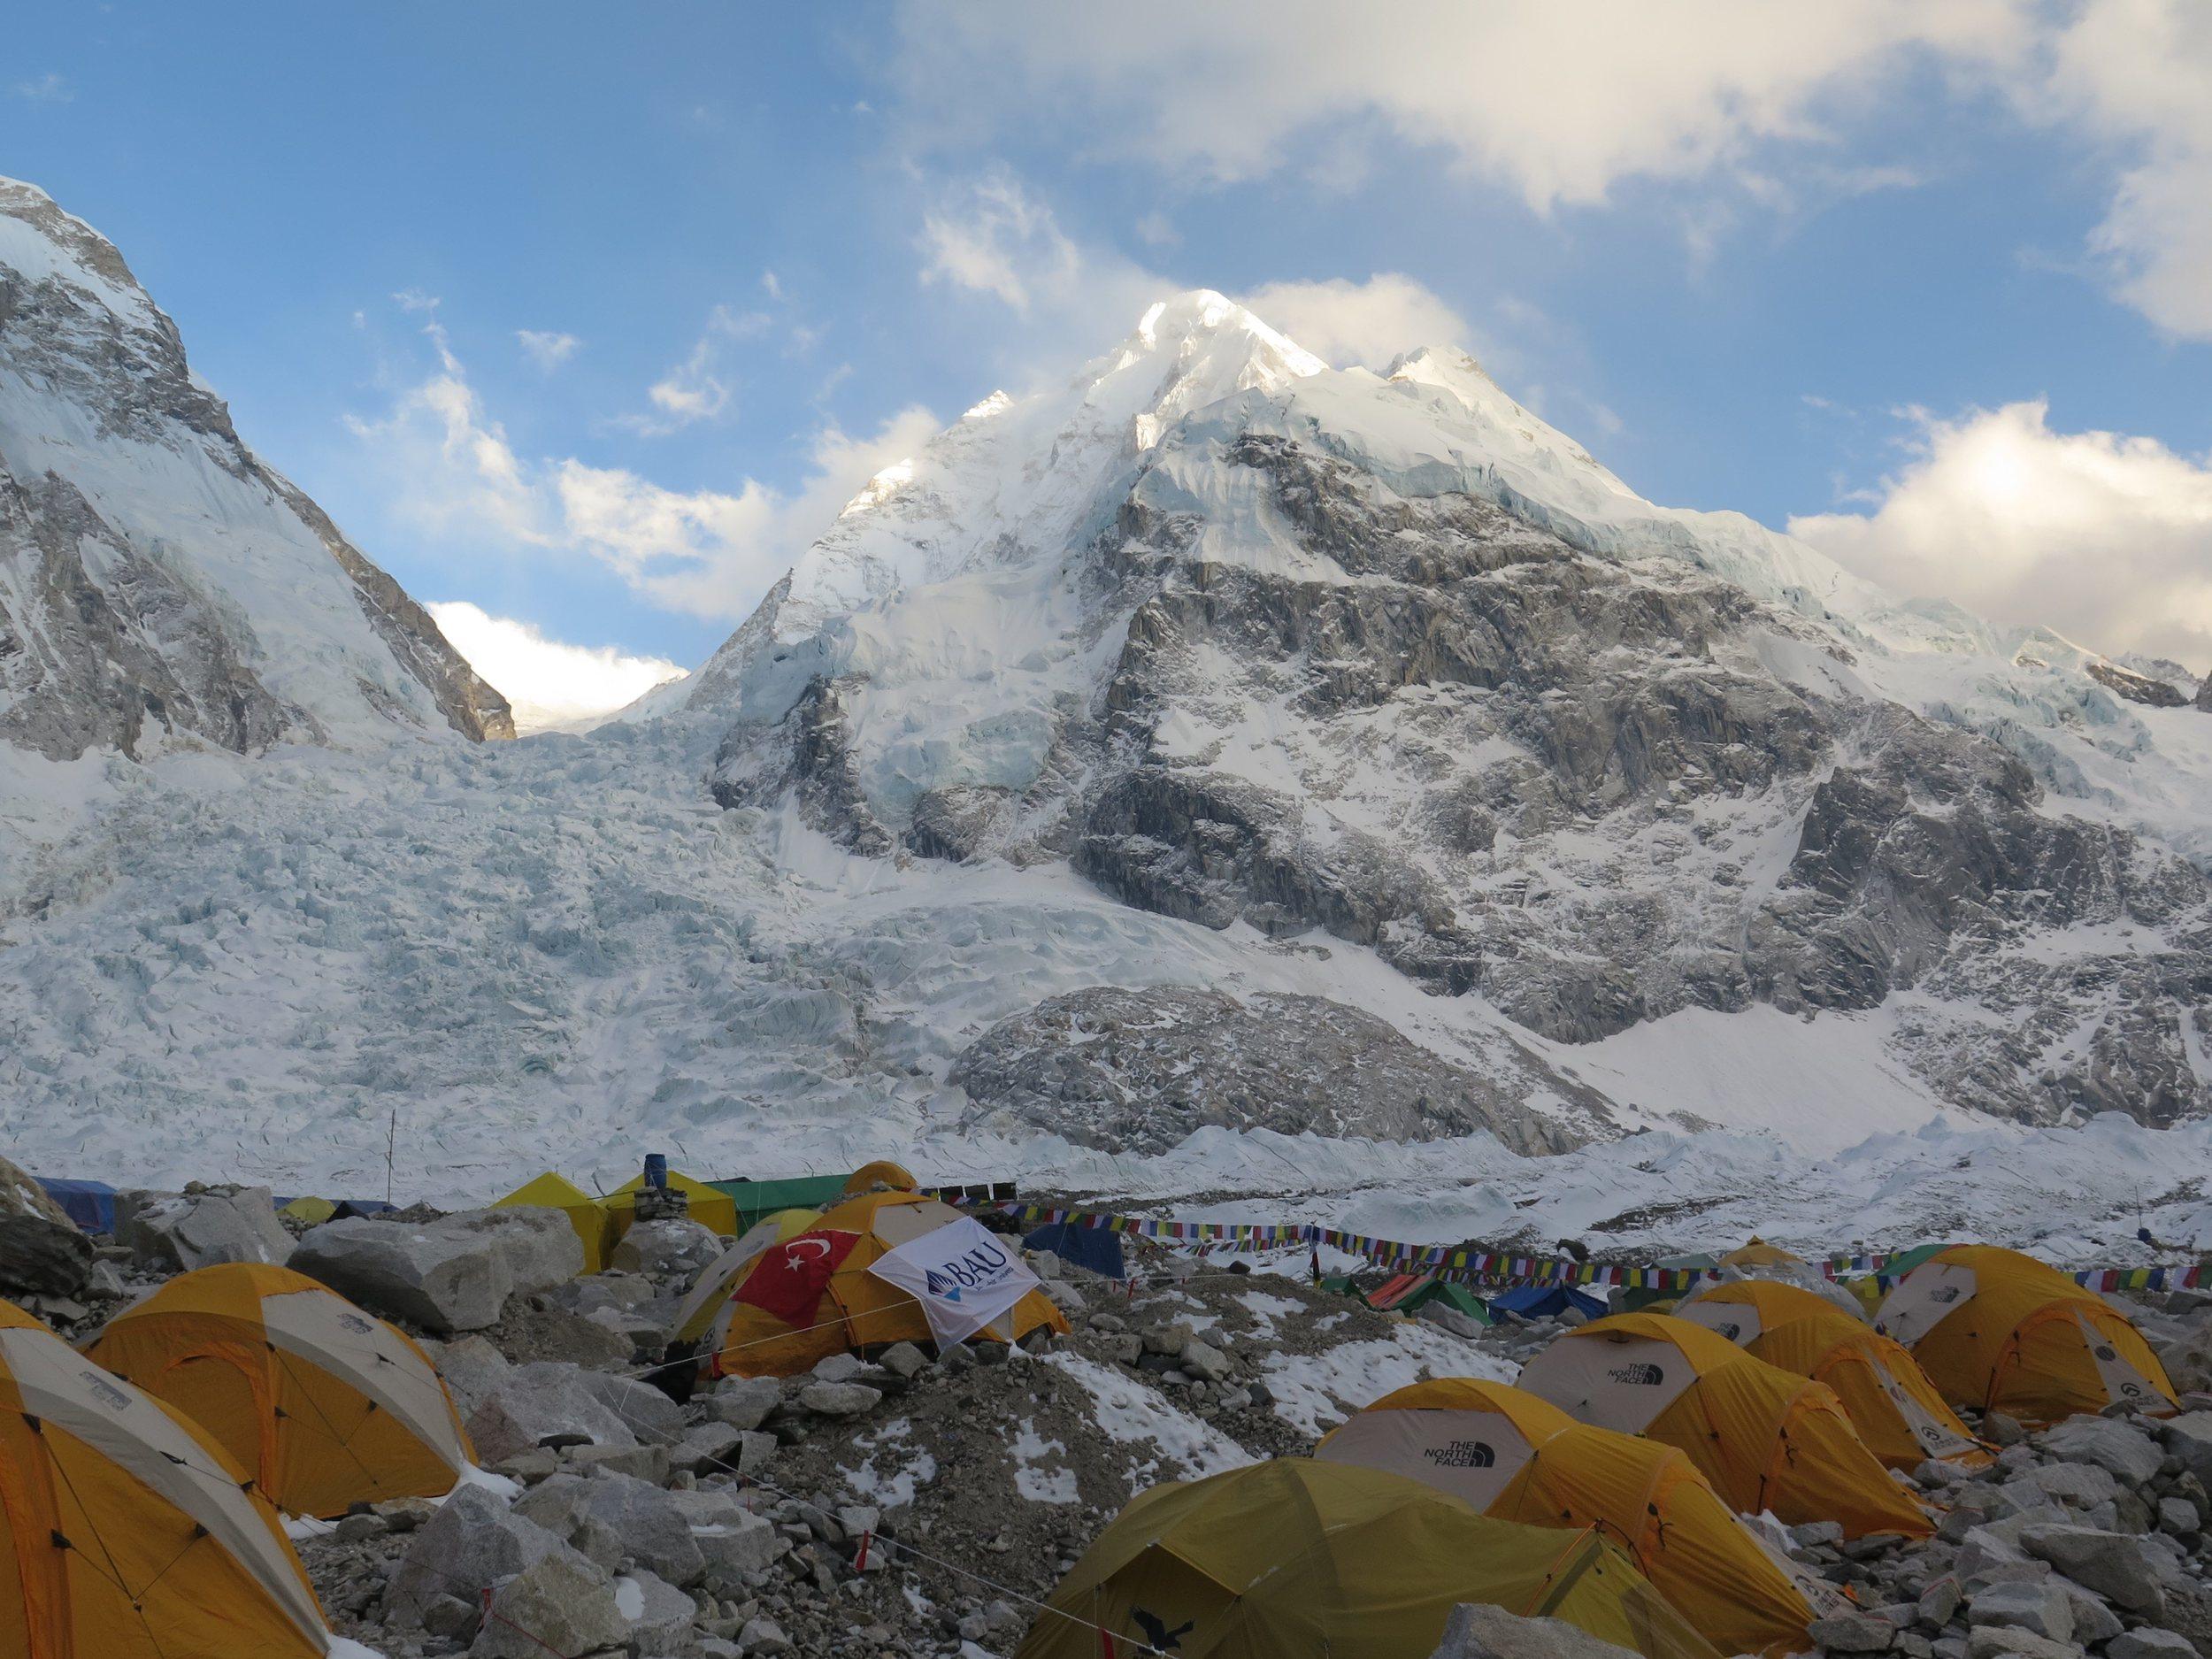 Khumbu buzulu ve ana kamptan minik bir kare / Khumbu icefall and a tiny frame from the base camp